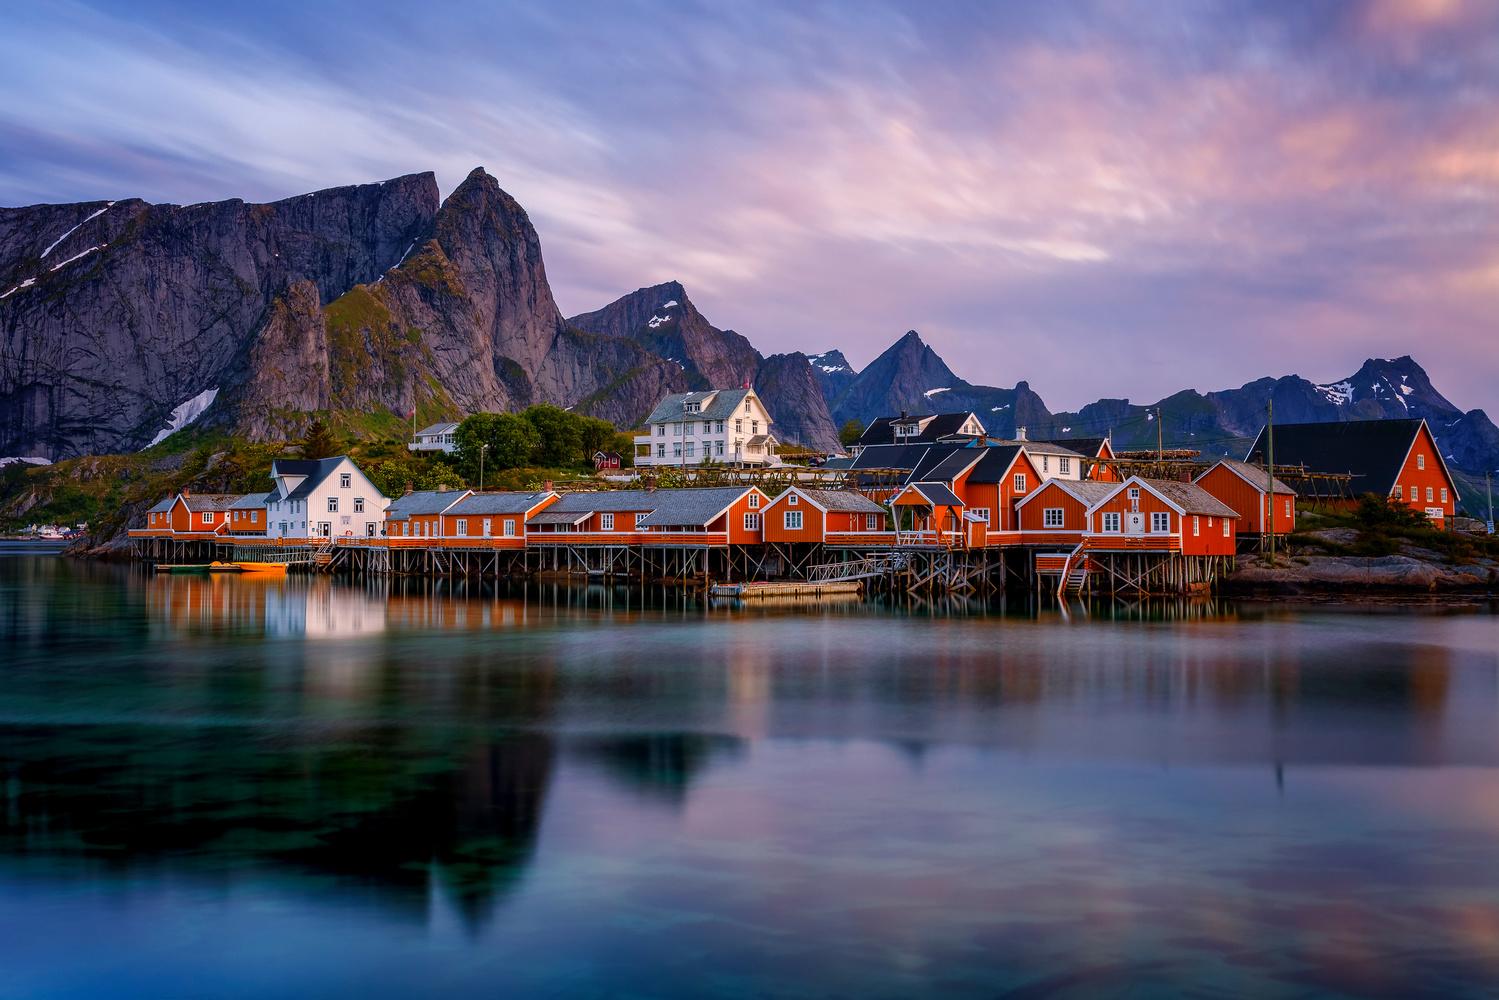 Sakrisøy by Rickard Eriksson